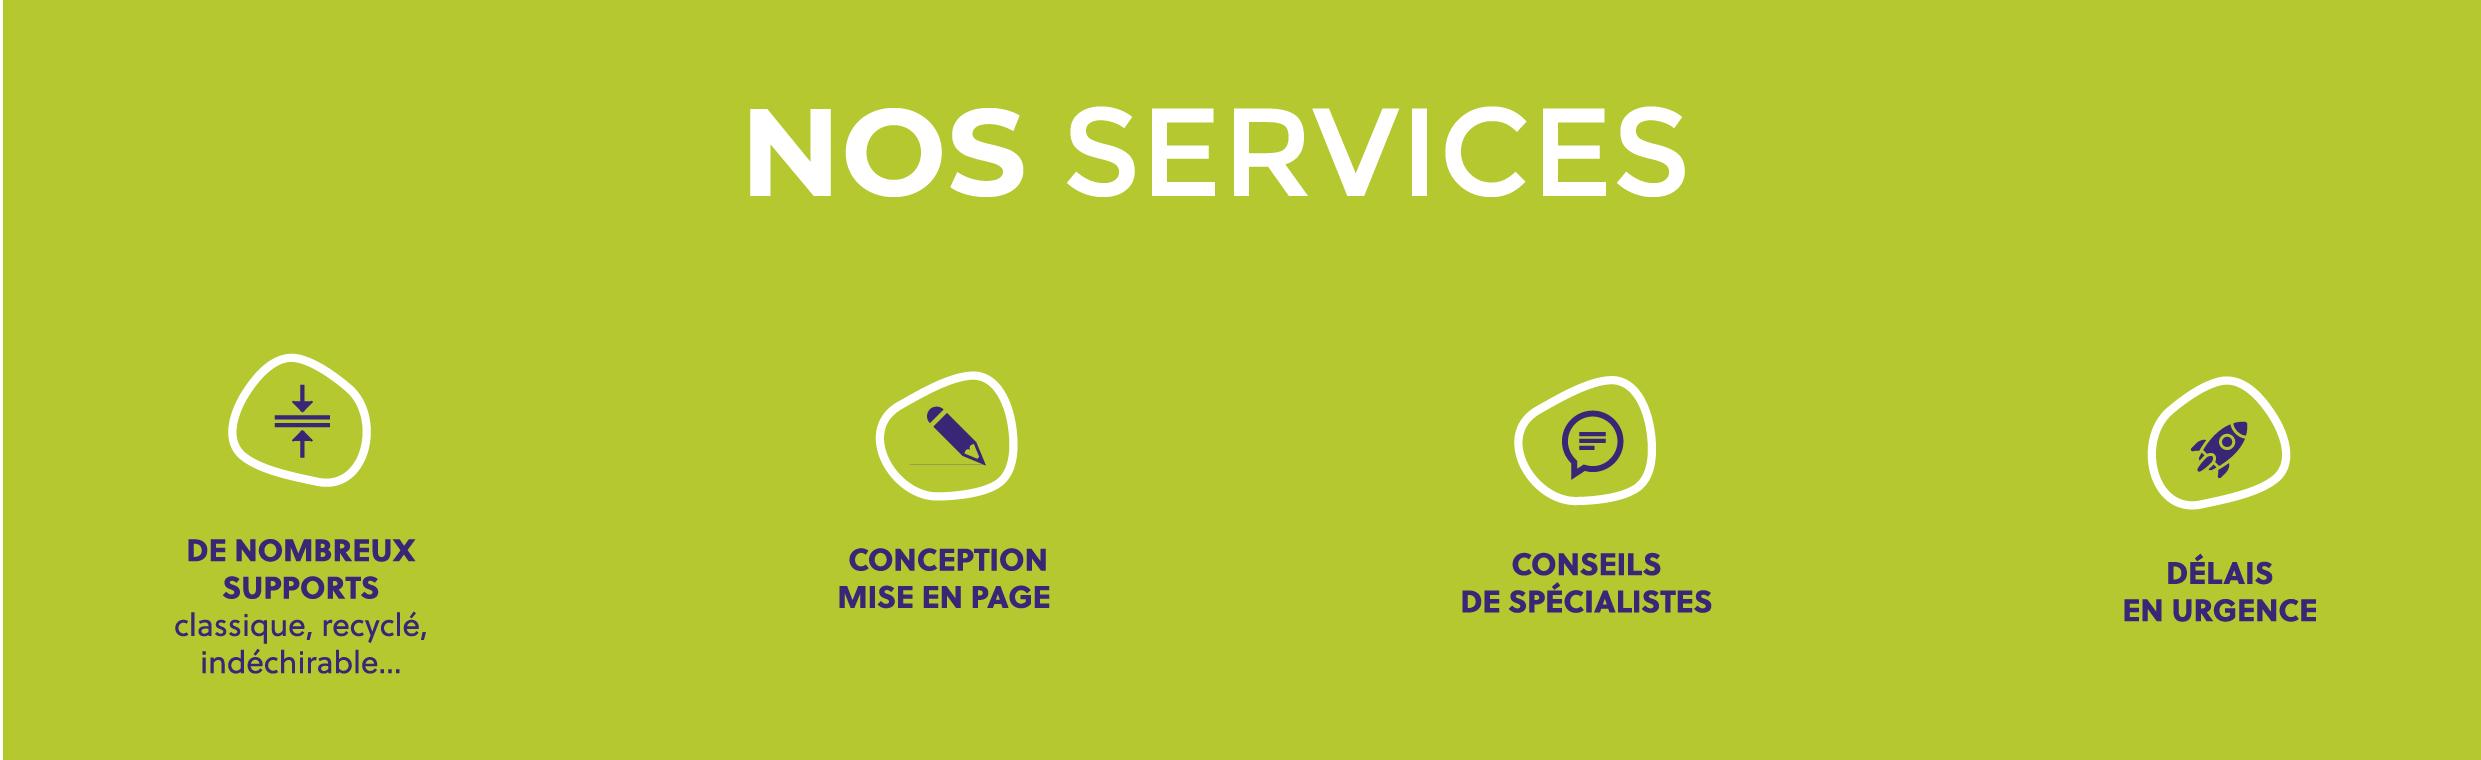 présentation services_Plan de travail